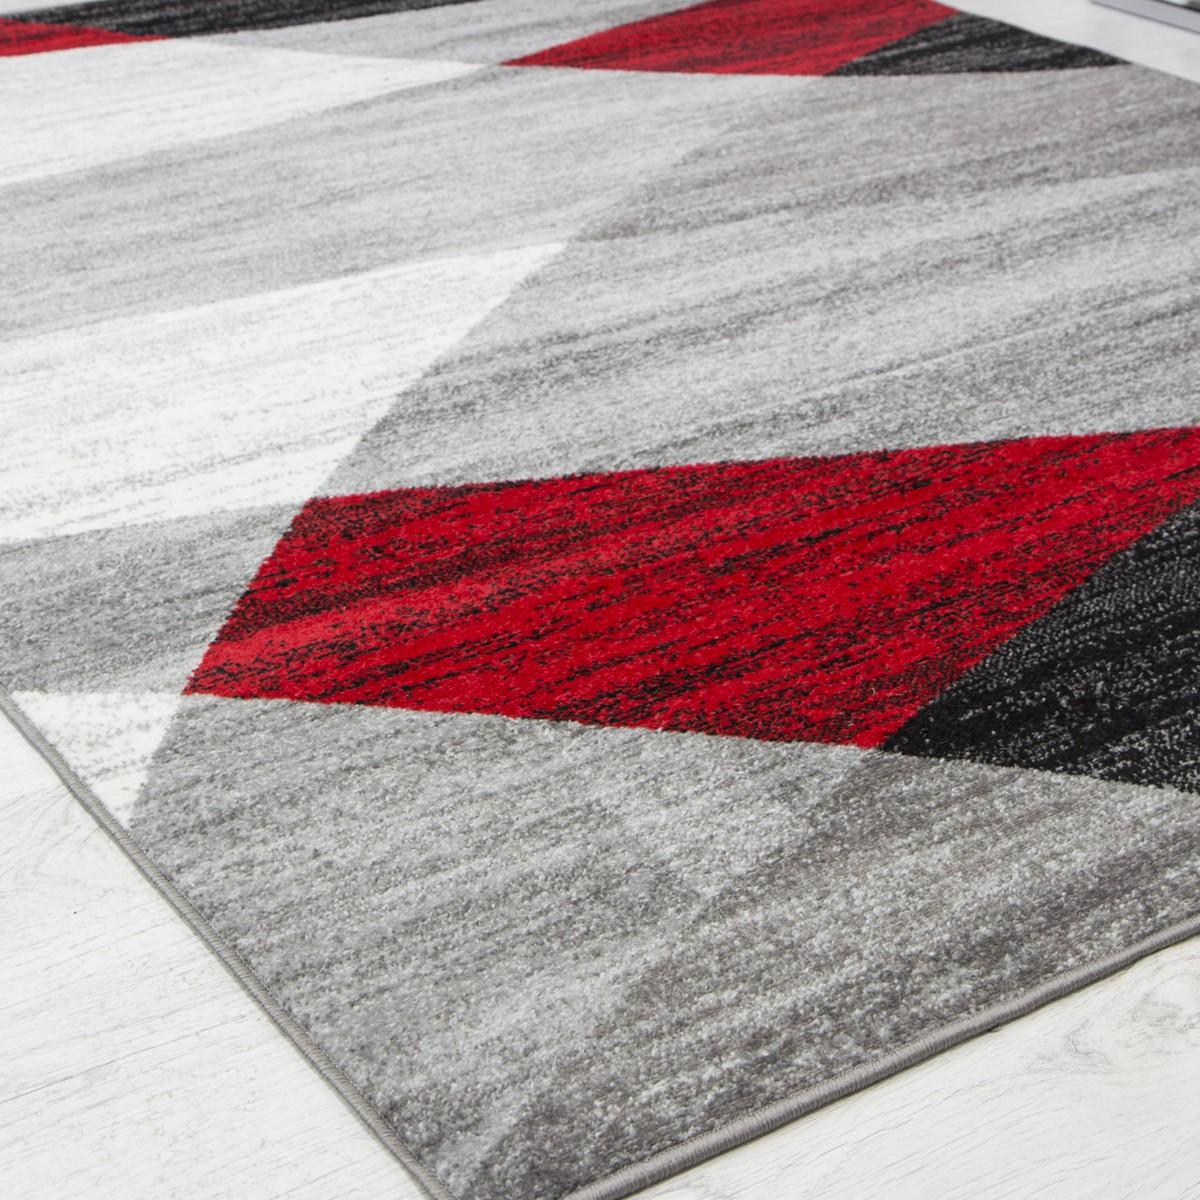 teppich geometrisches muster teppich geometrisches muster bild das wirklich luxus vortrefflich. Black Bedroom Furniture Sets. Home Design Ideas